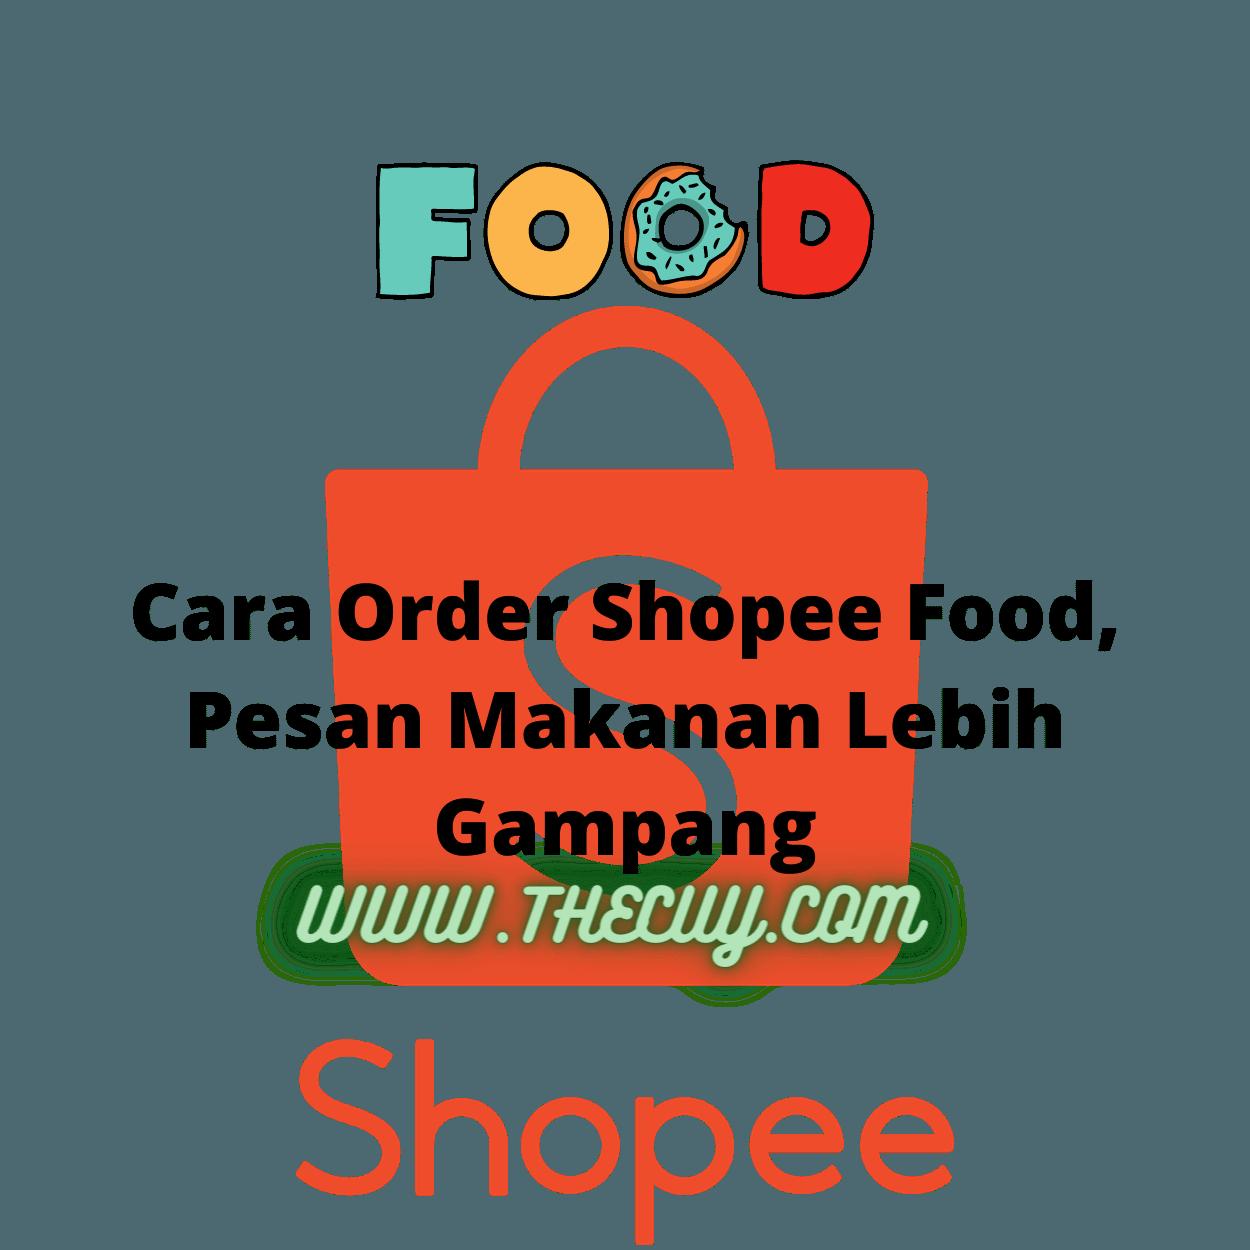 Cara Order Shopee Food, Pesan Makanan Lebih Gampang